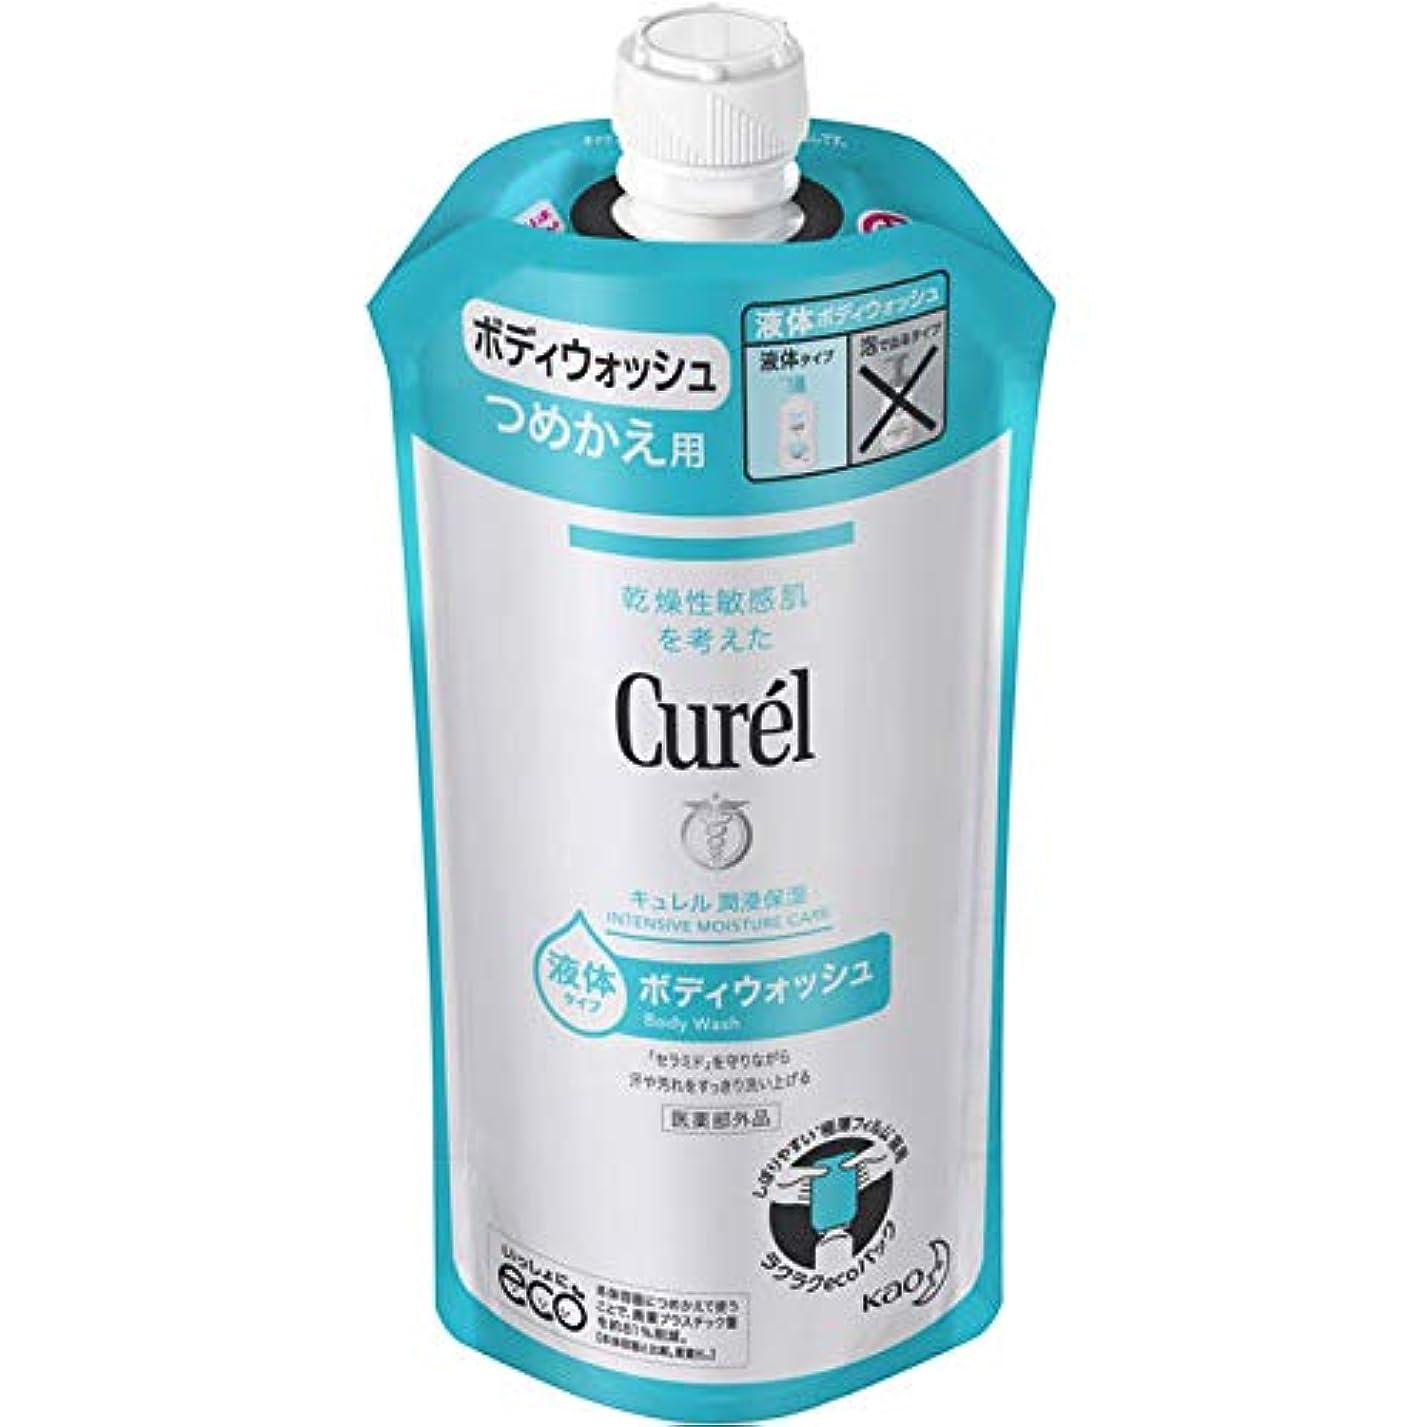 ブルジョン体細胞刈り取るキュレル ボディウォッシュ つめかえ用 340ml (赤ちゃんにも使えます) 弱酸性 ? 無香料 ? 無着色